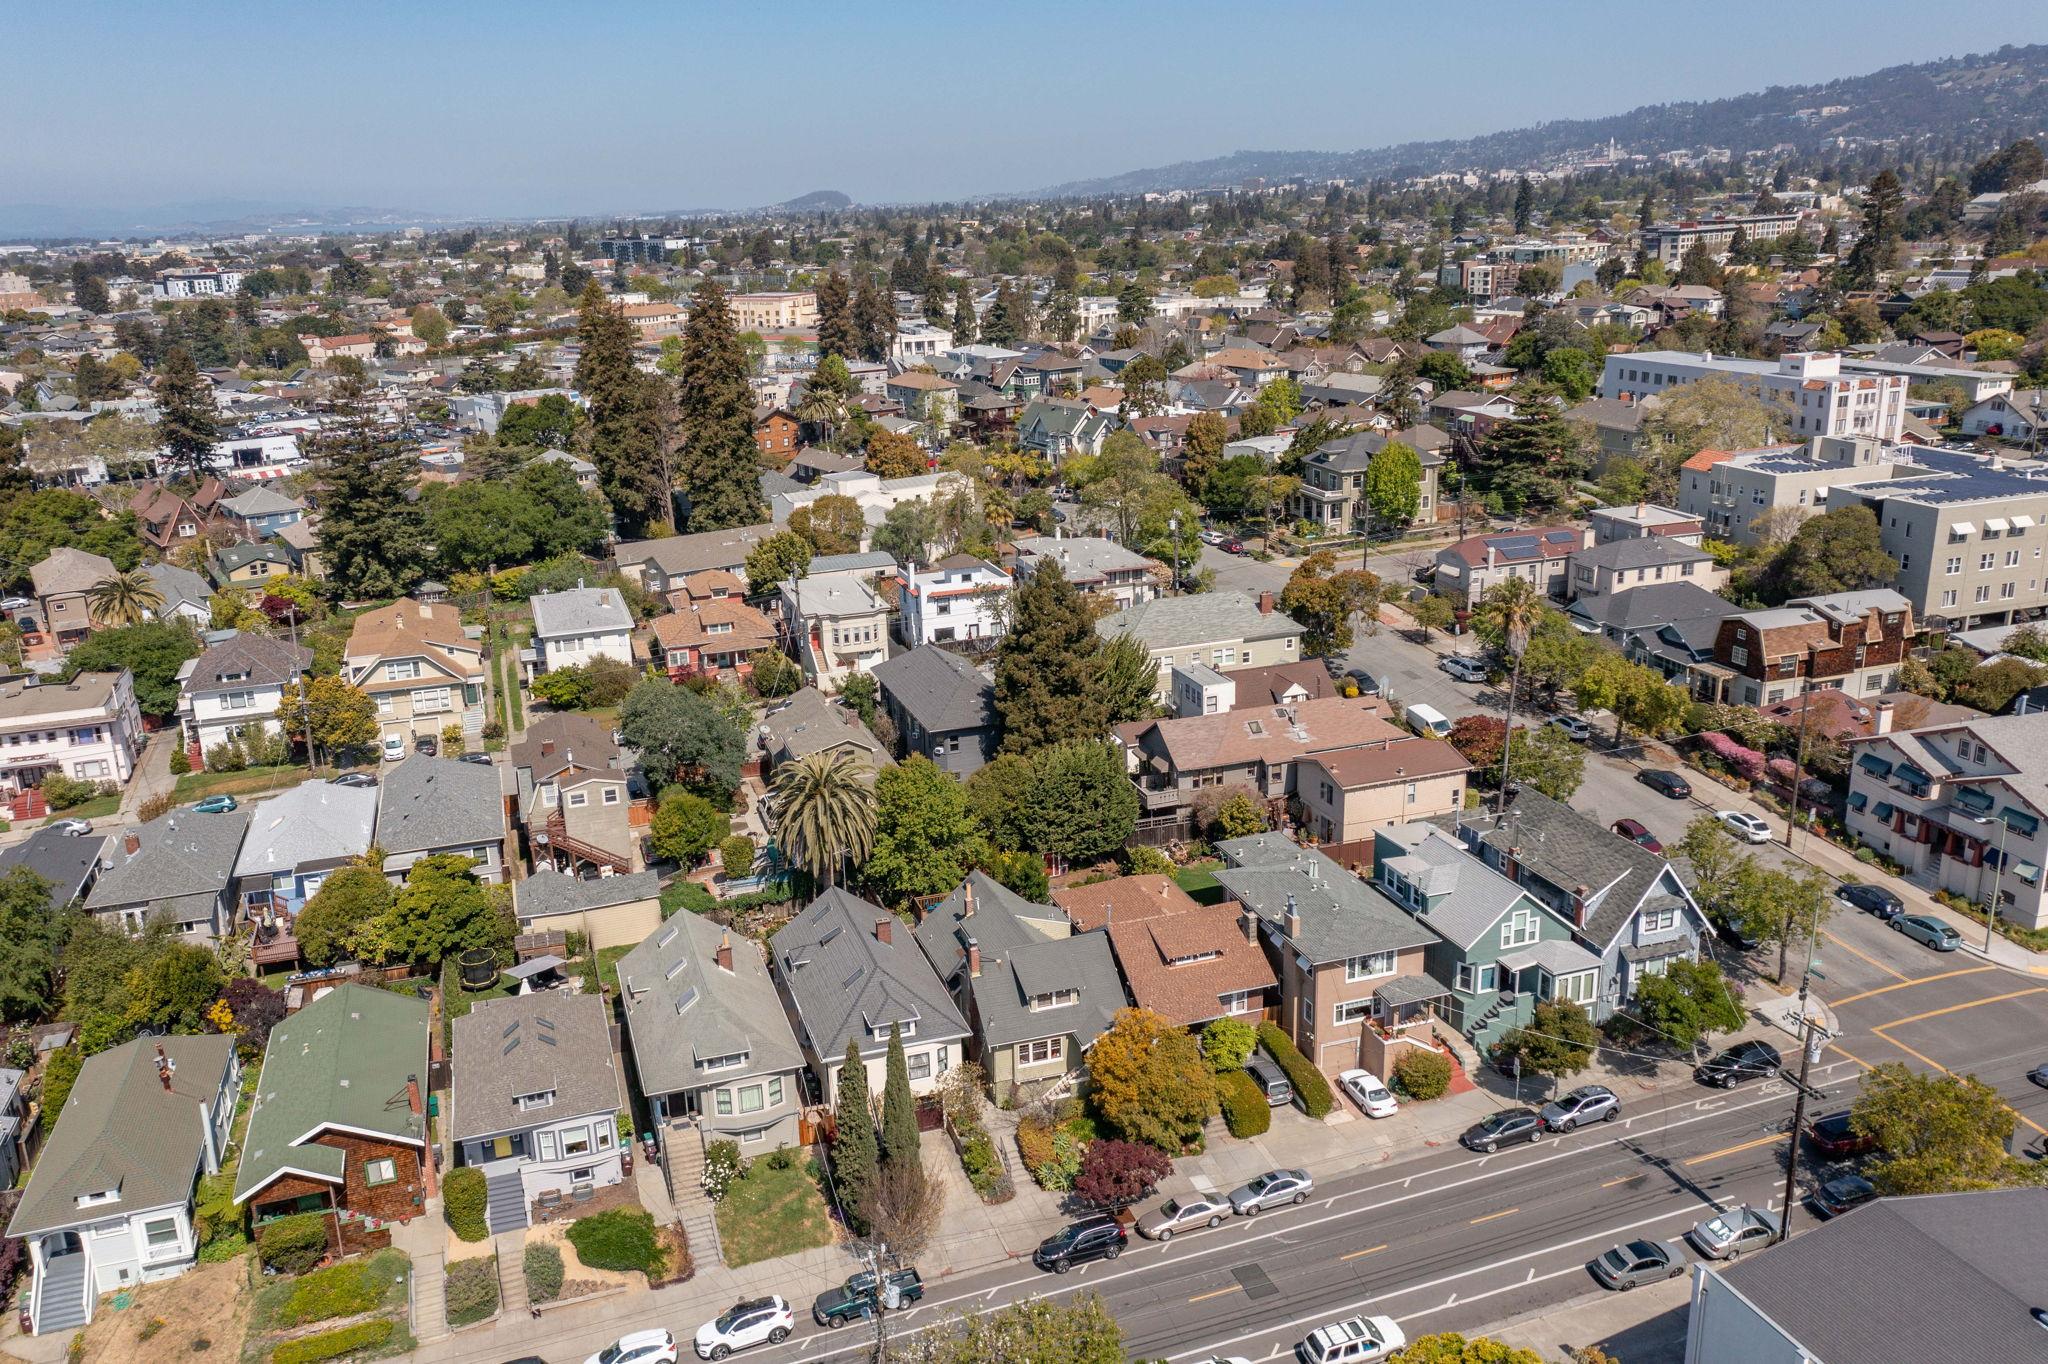 Aerial View of Howe Street